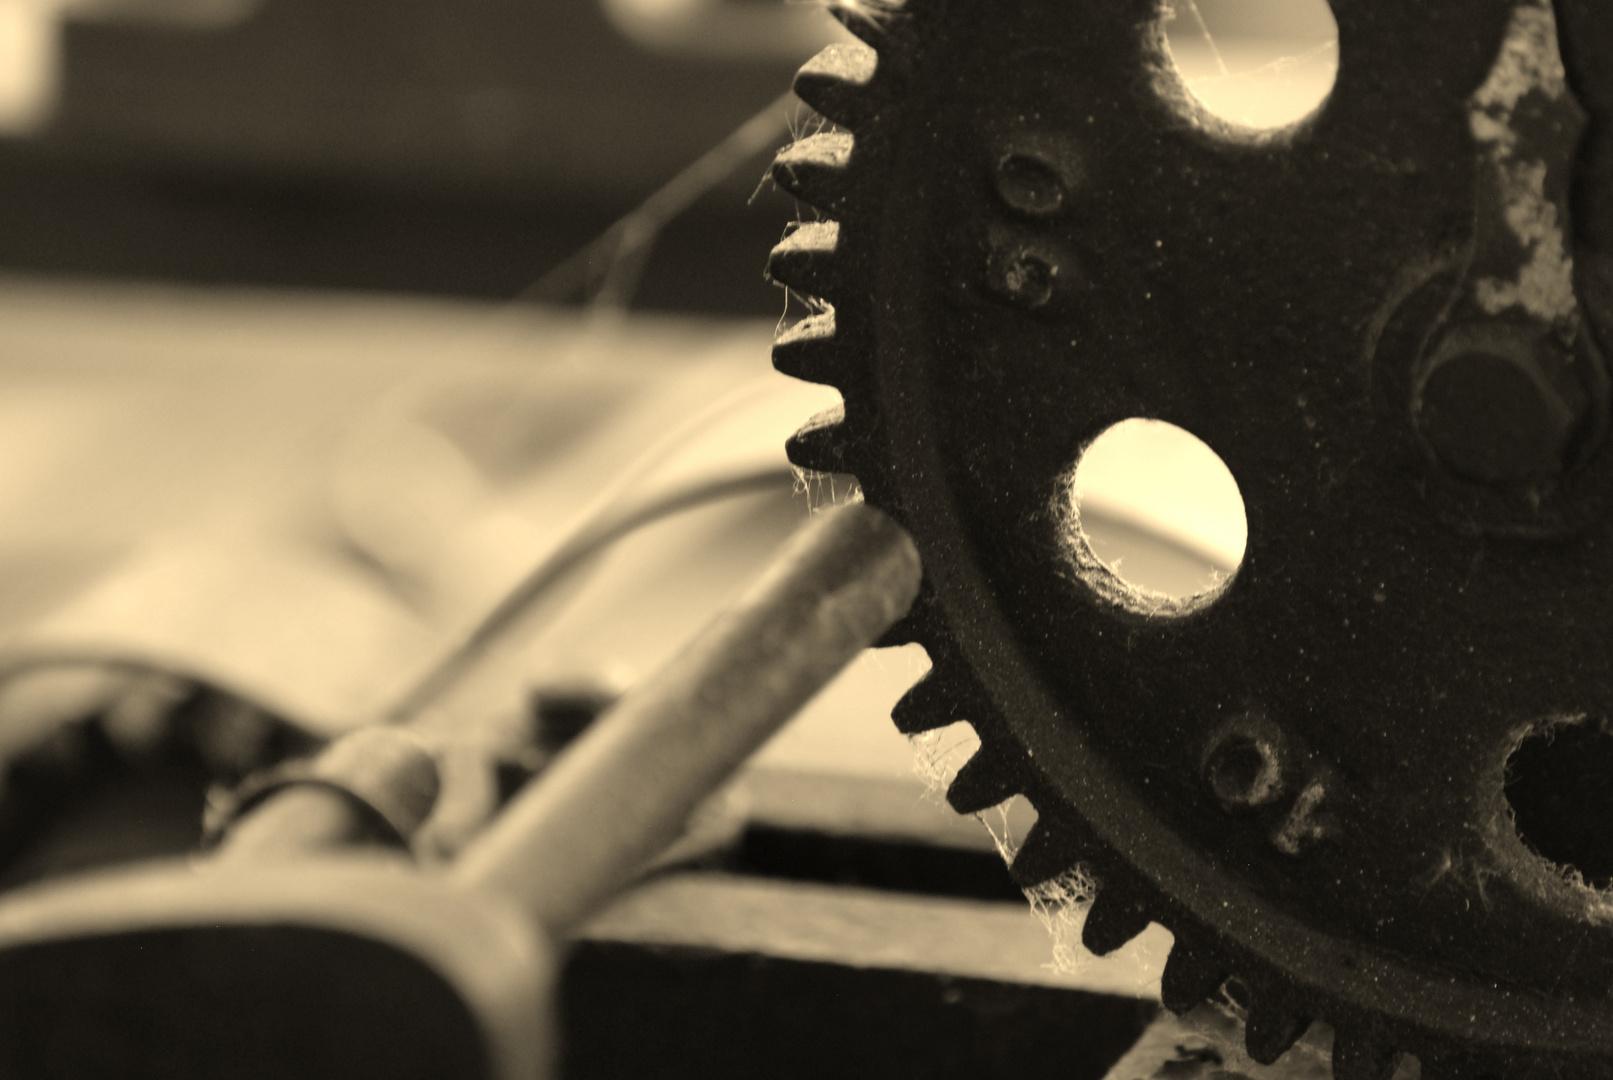 MACHINE ONE